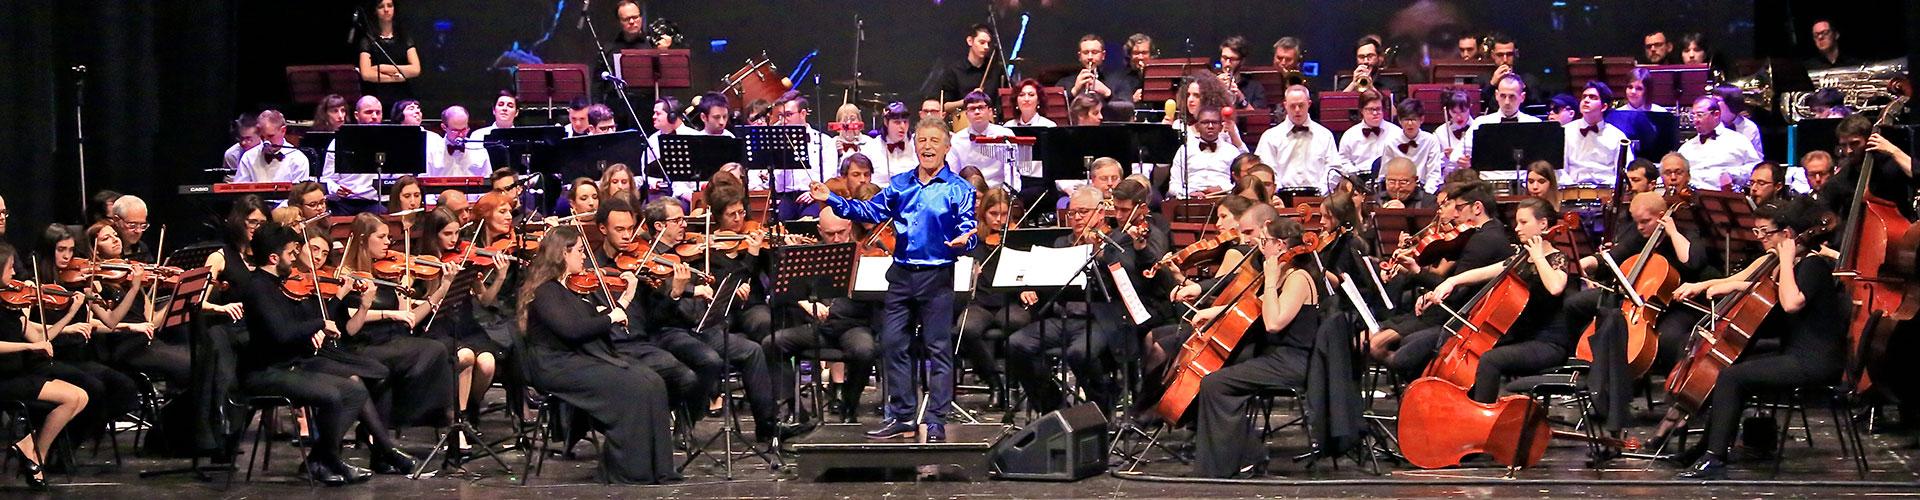 slide home orchestra magica musica